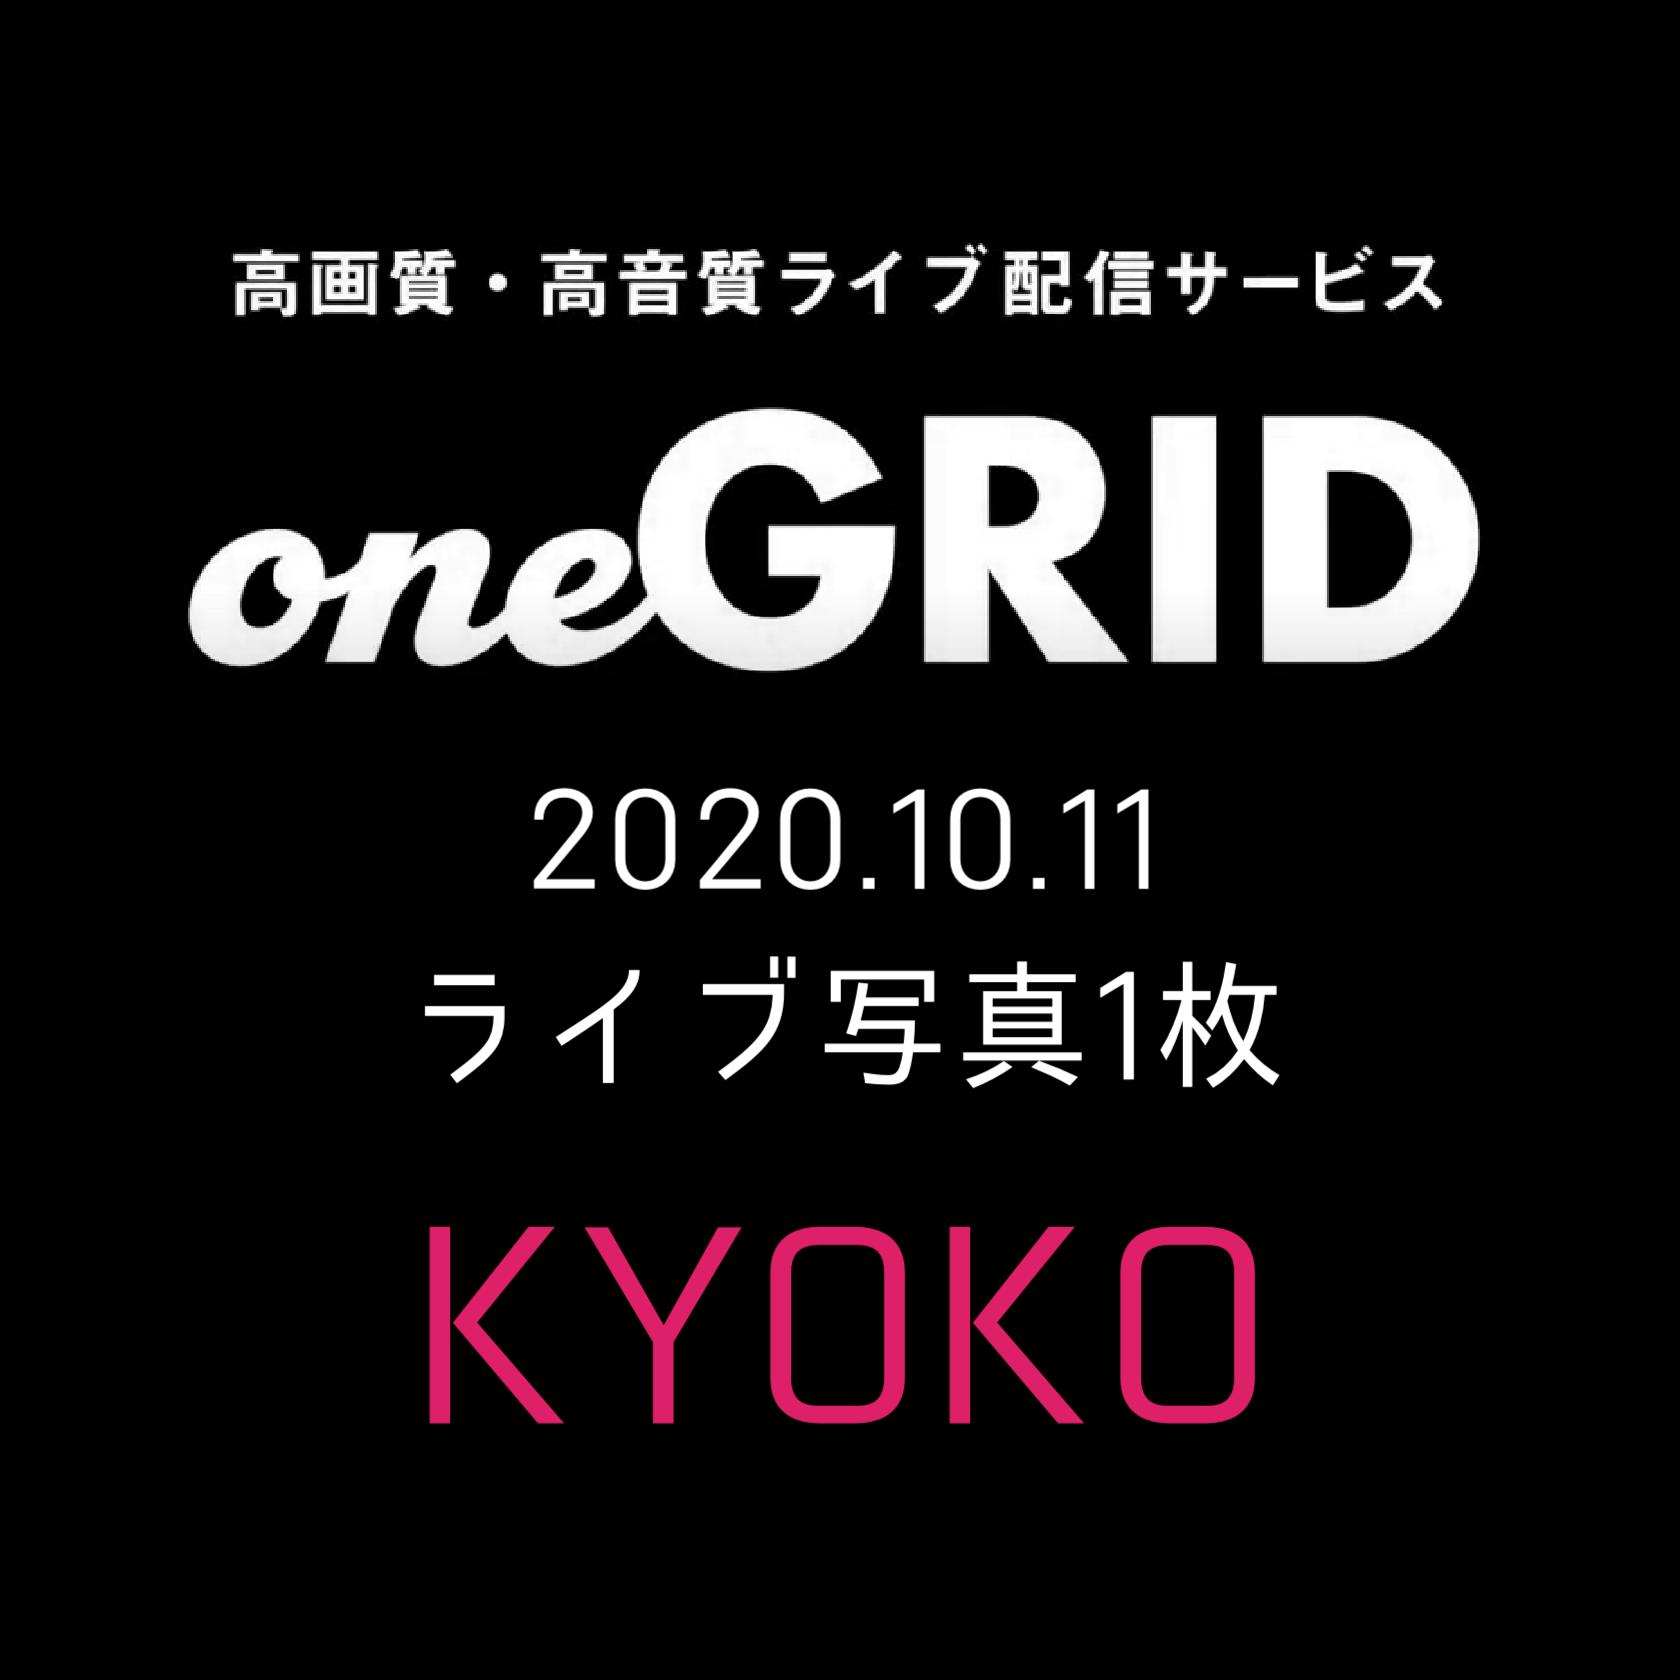 10/11 KYOKO ライブ写真